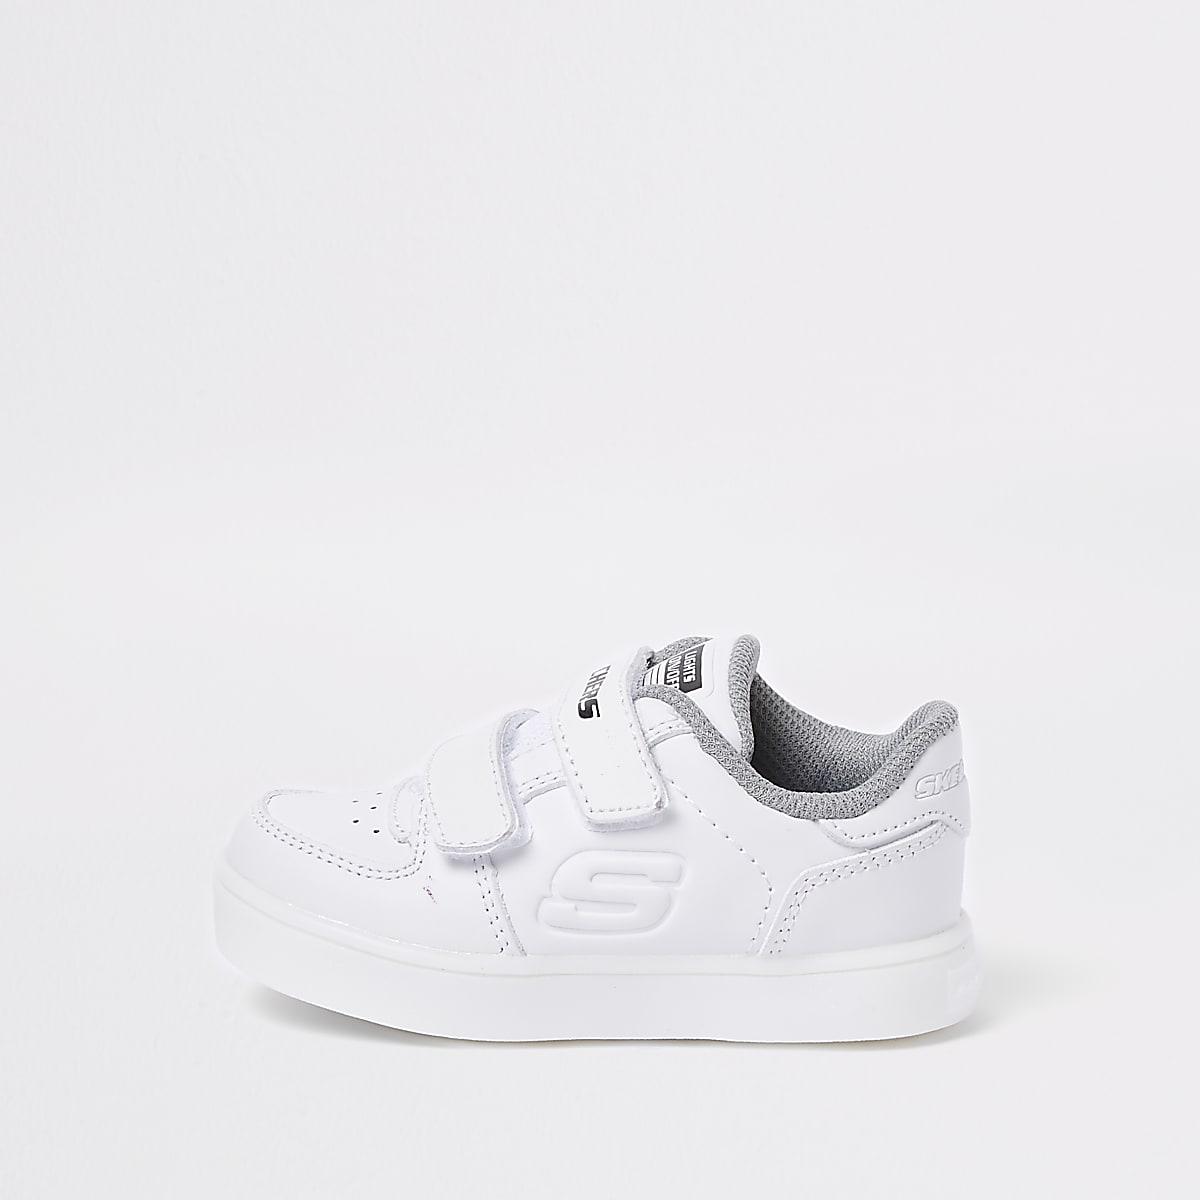 Mini boys Skechers white light-up sneakers